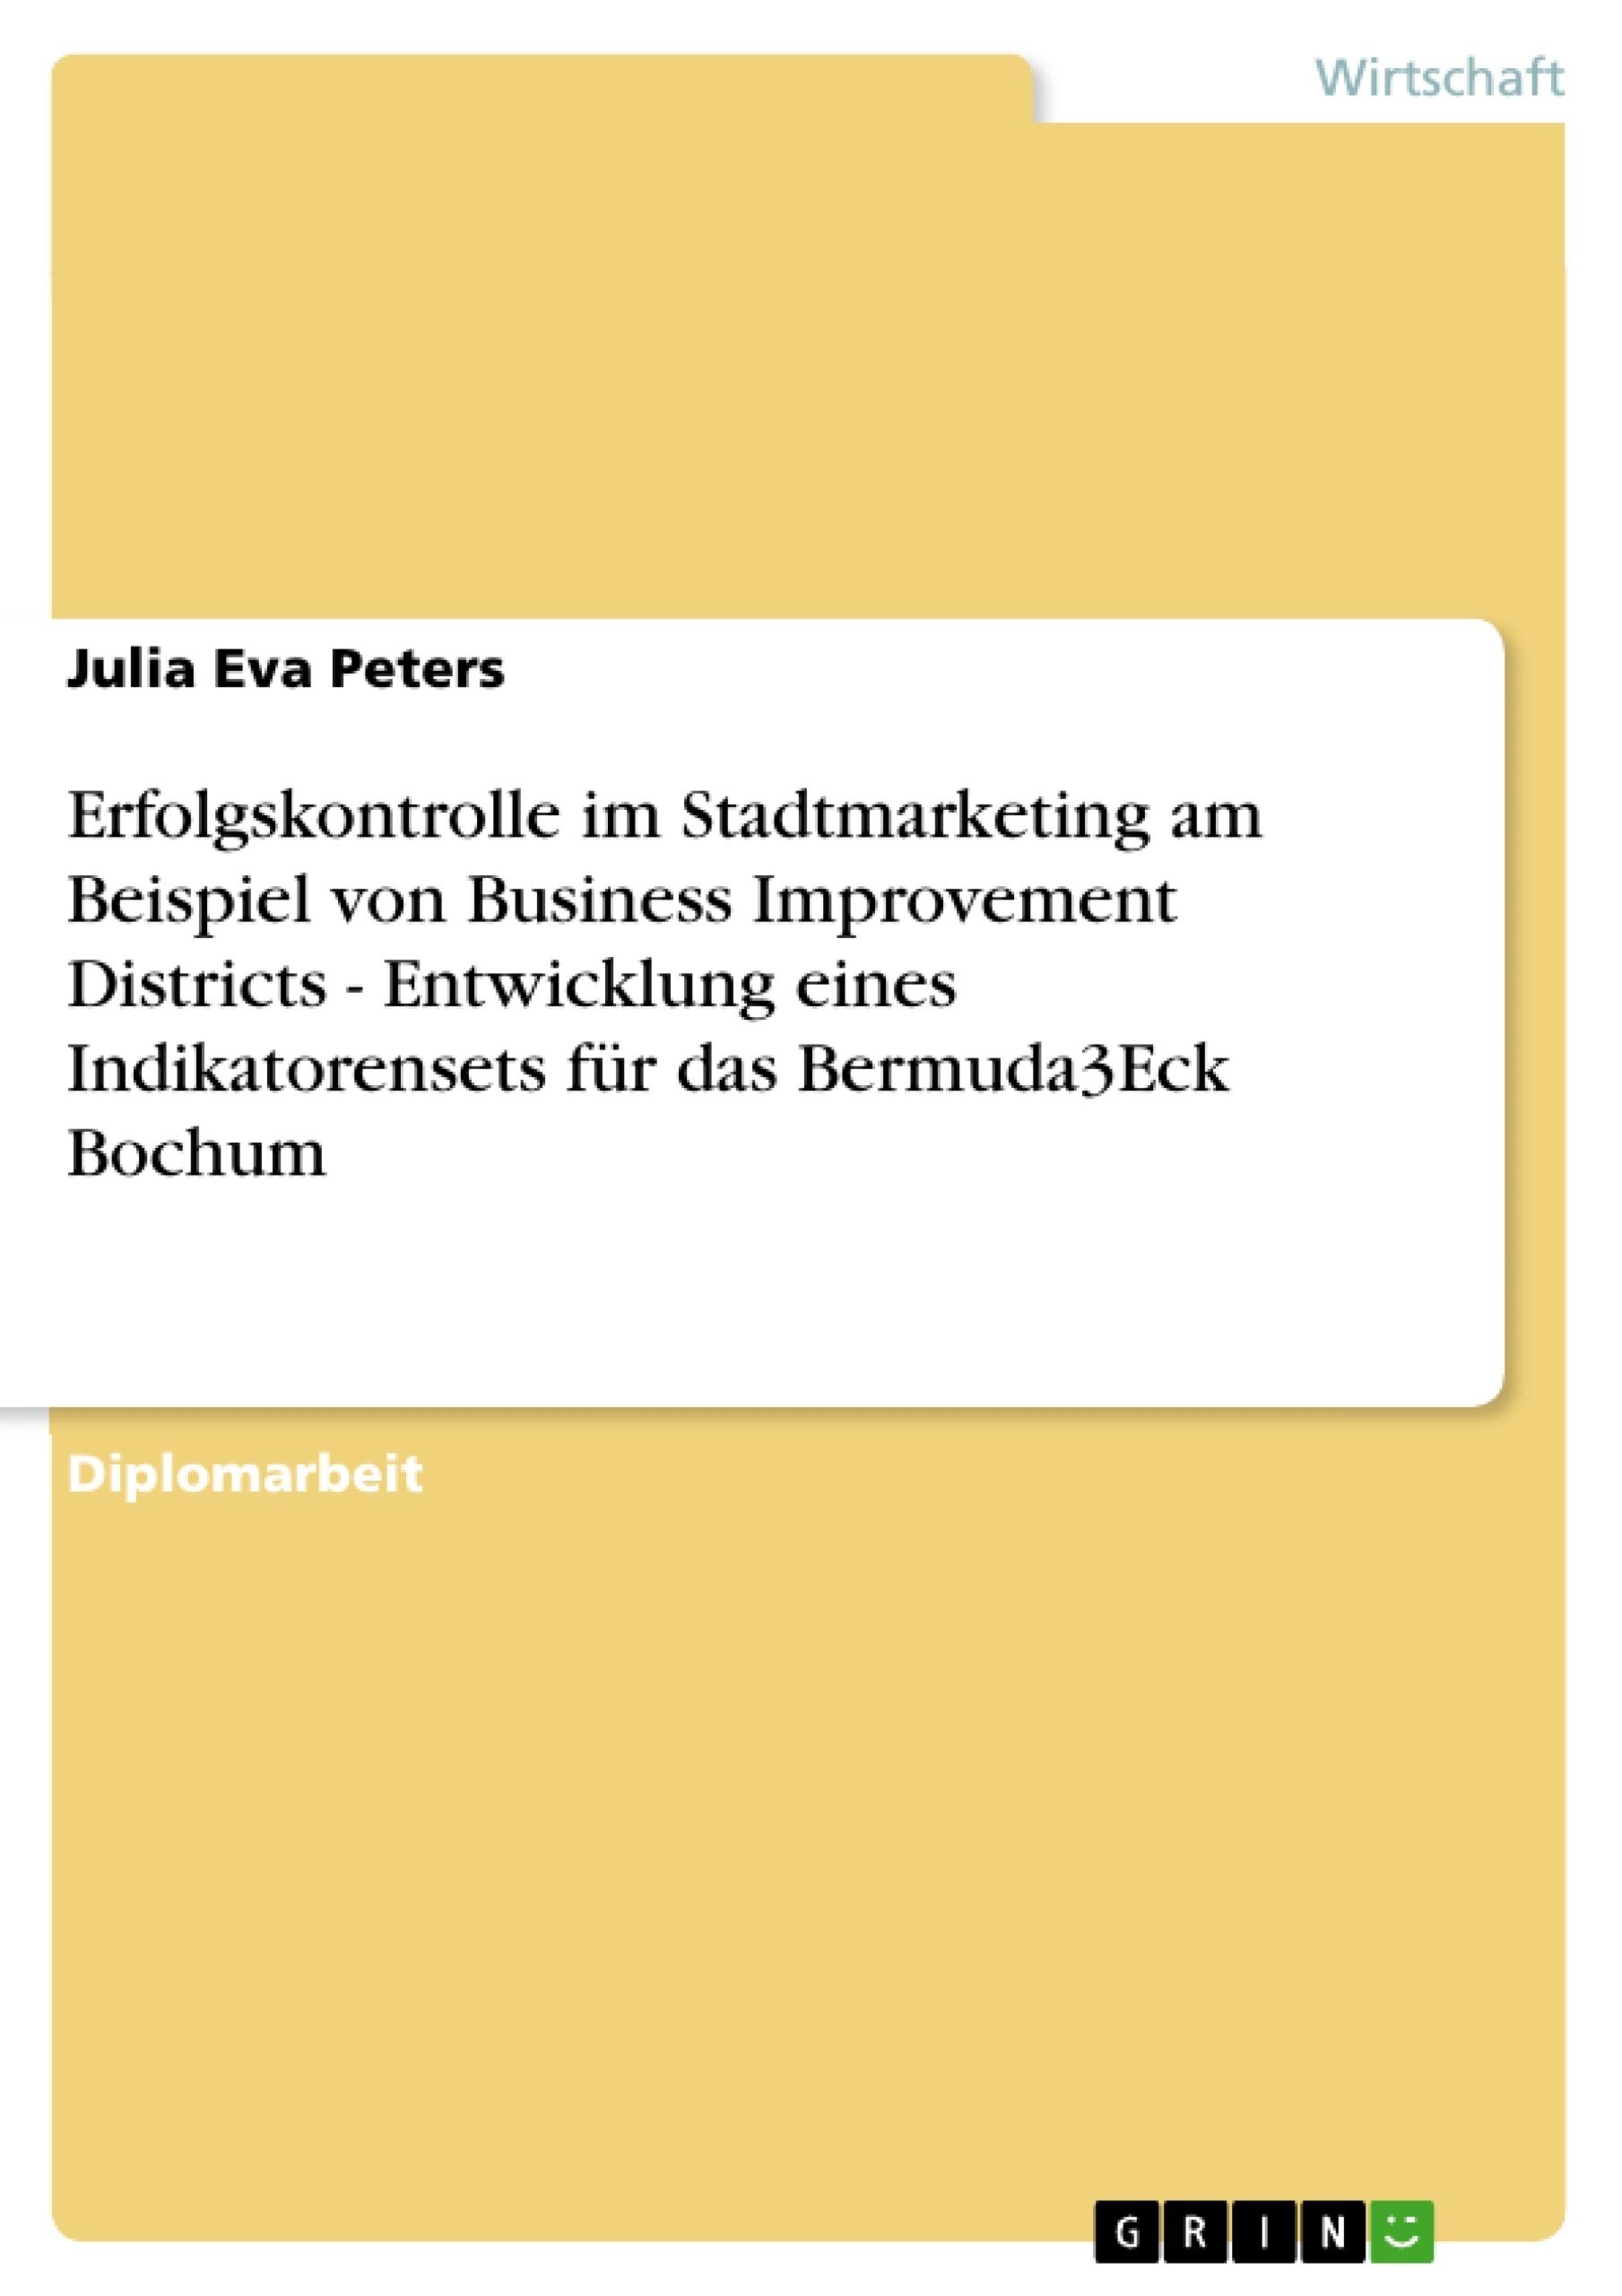 Titel: Erfolgskontrolle im Stadtmarketing am Beispiel von Business Improvement Districts - Entwicklung eines Indikatorensets für das Bermuda3Eck Bochum